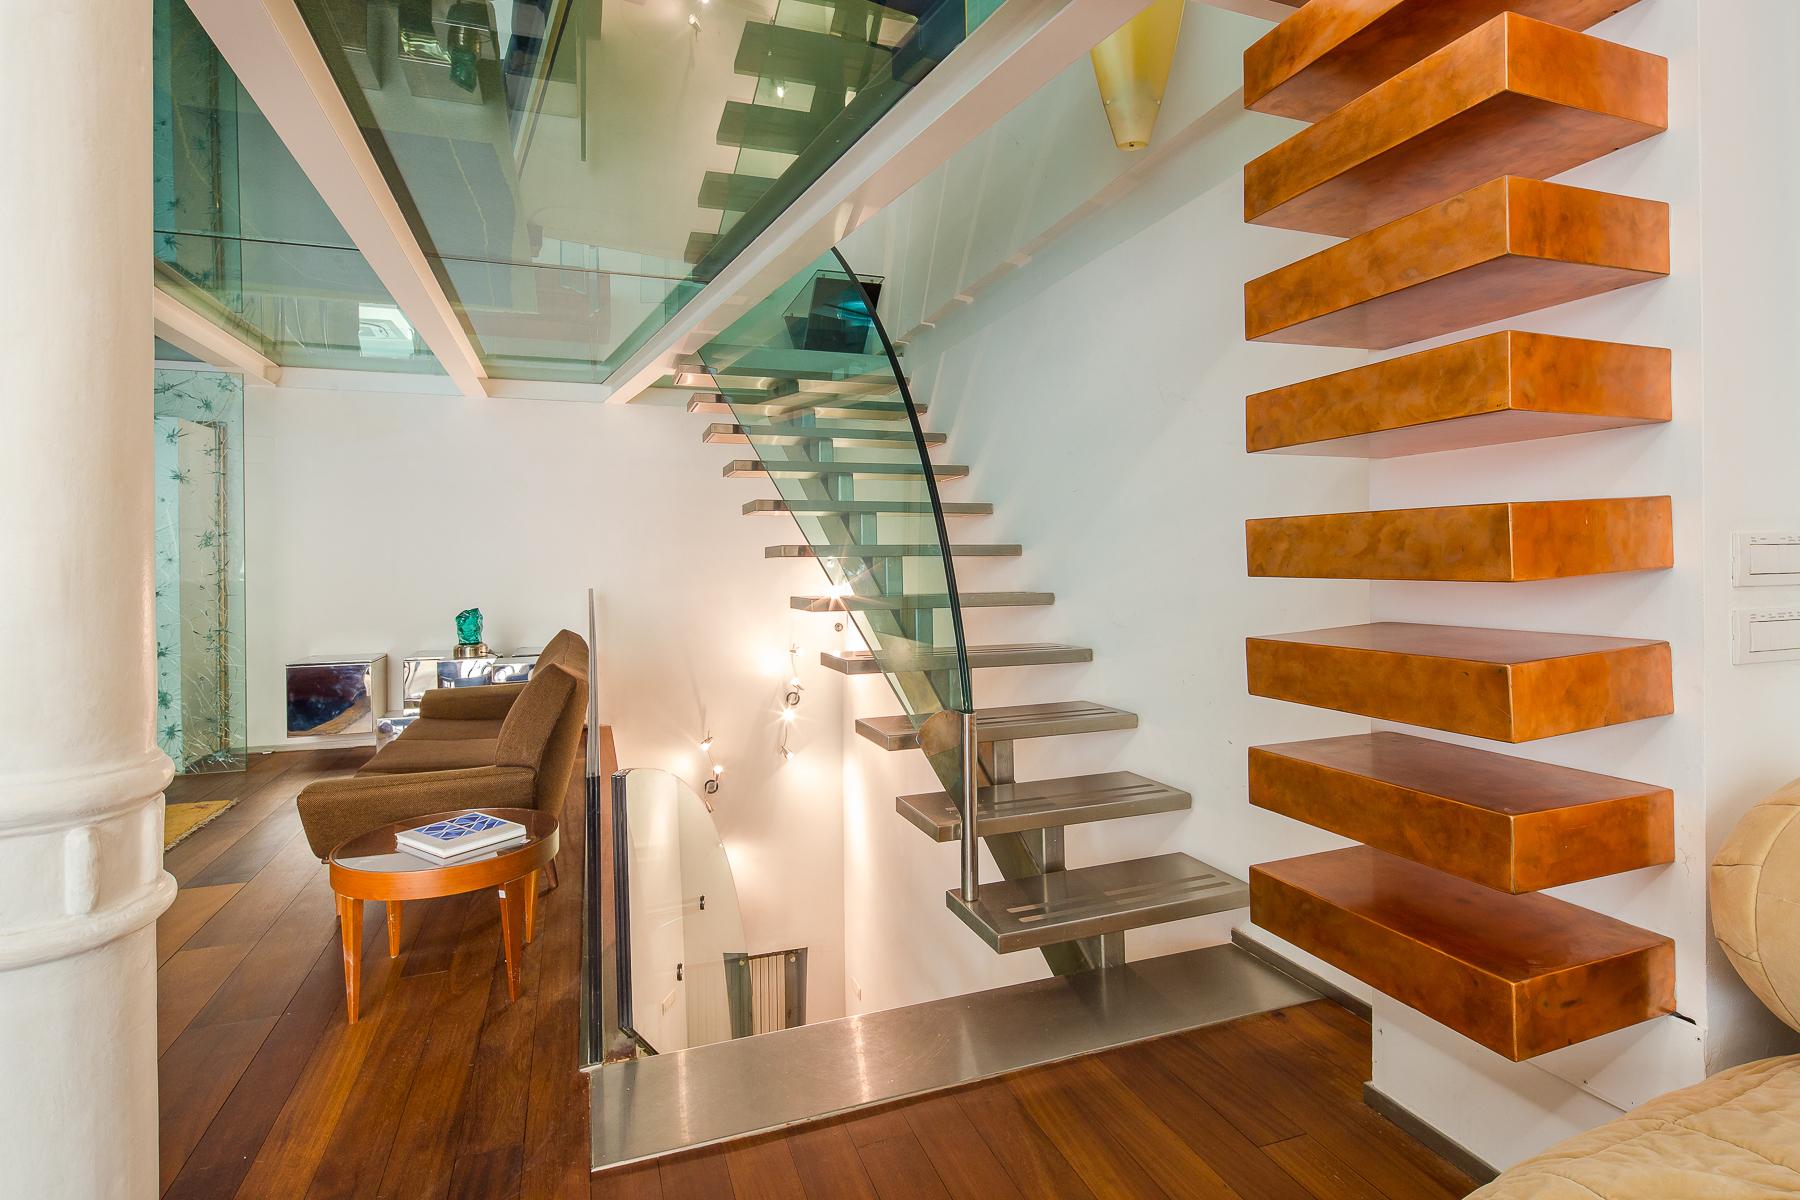 Casa indipendente in Vendita a Milano: 5 locali, 330 mq - Foto 17